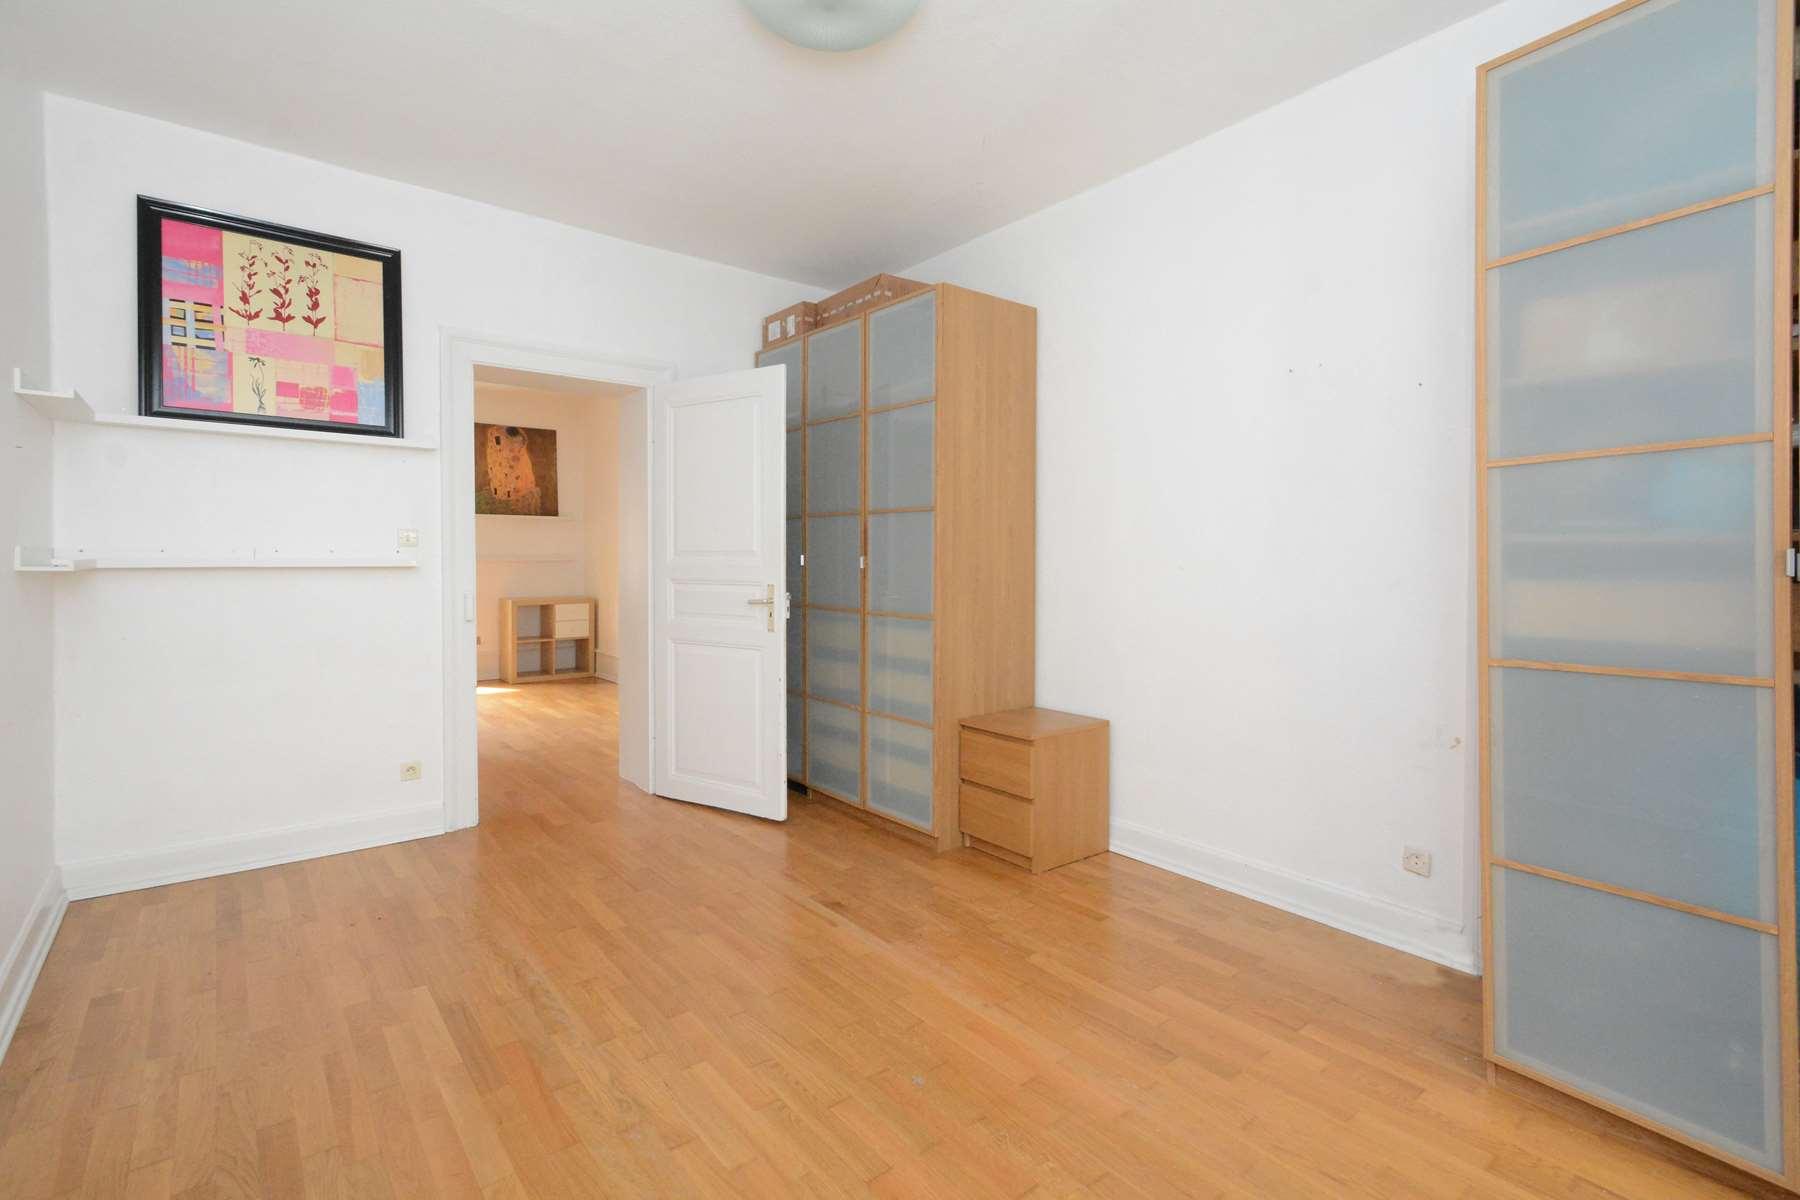 [Thémis] L'appartement 4 pièces au cœur du quartier du Tribunal - nos ventes - Beausite Immobilier 8